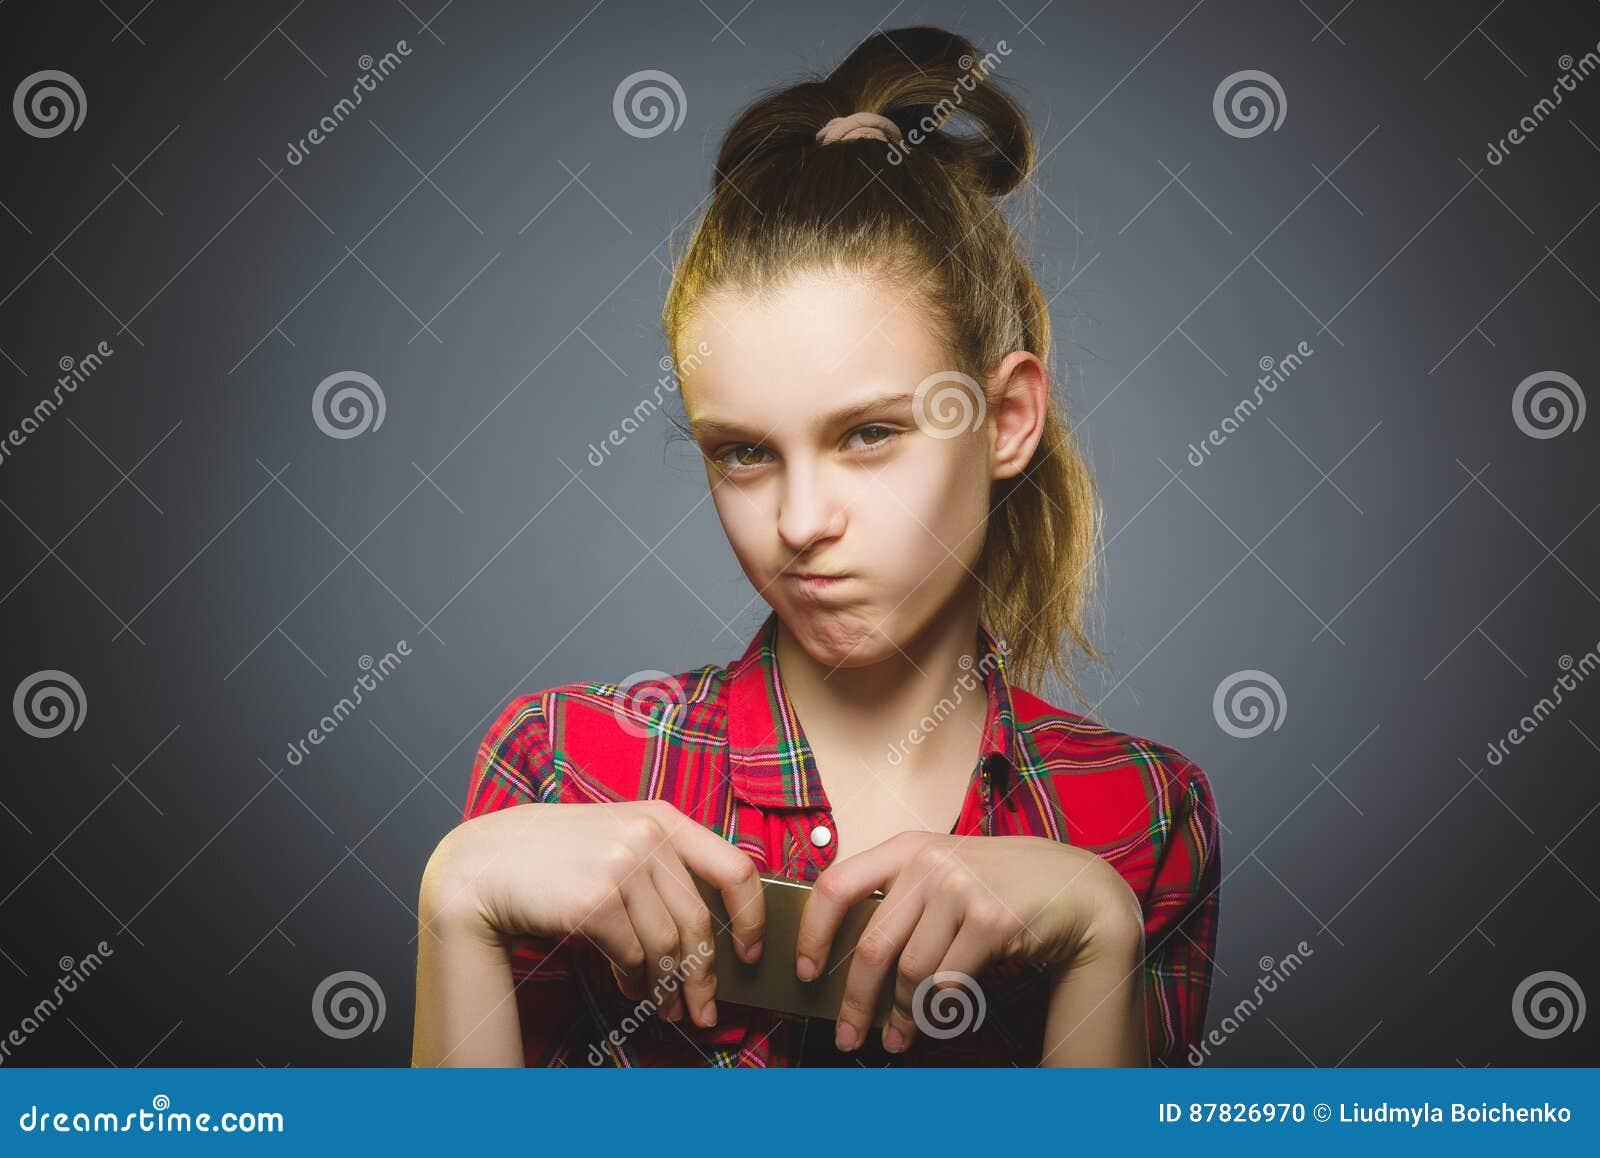 Retrato de la muchacha de la ofensa con el móvil o el teléfono celular Emoción humana negativa